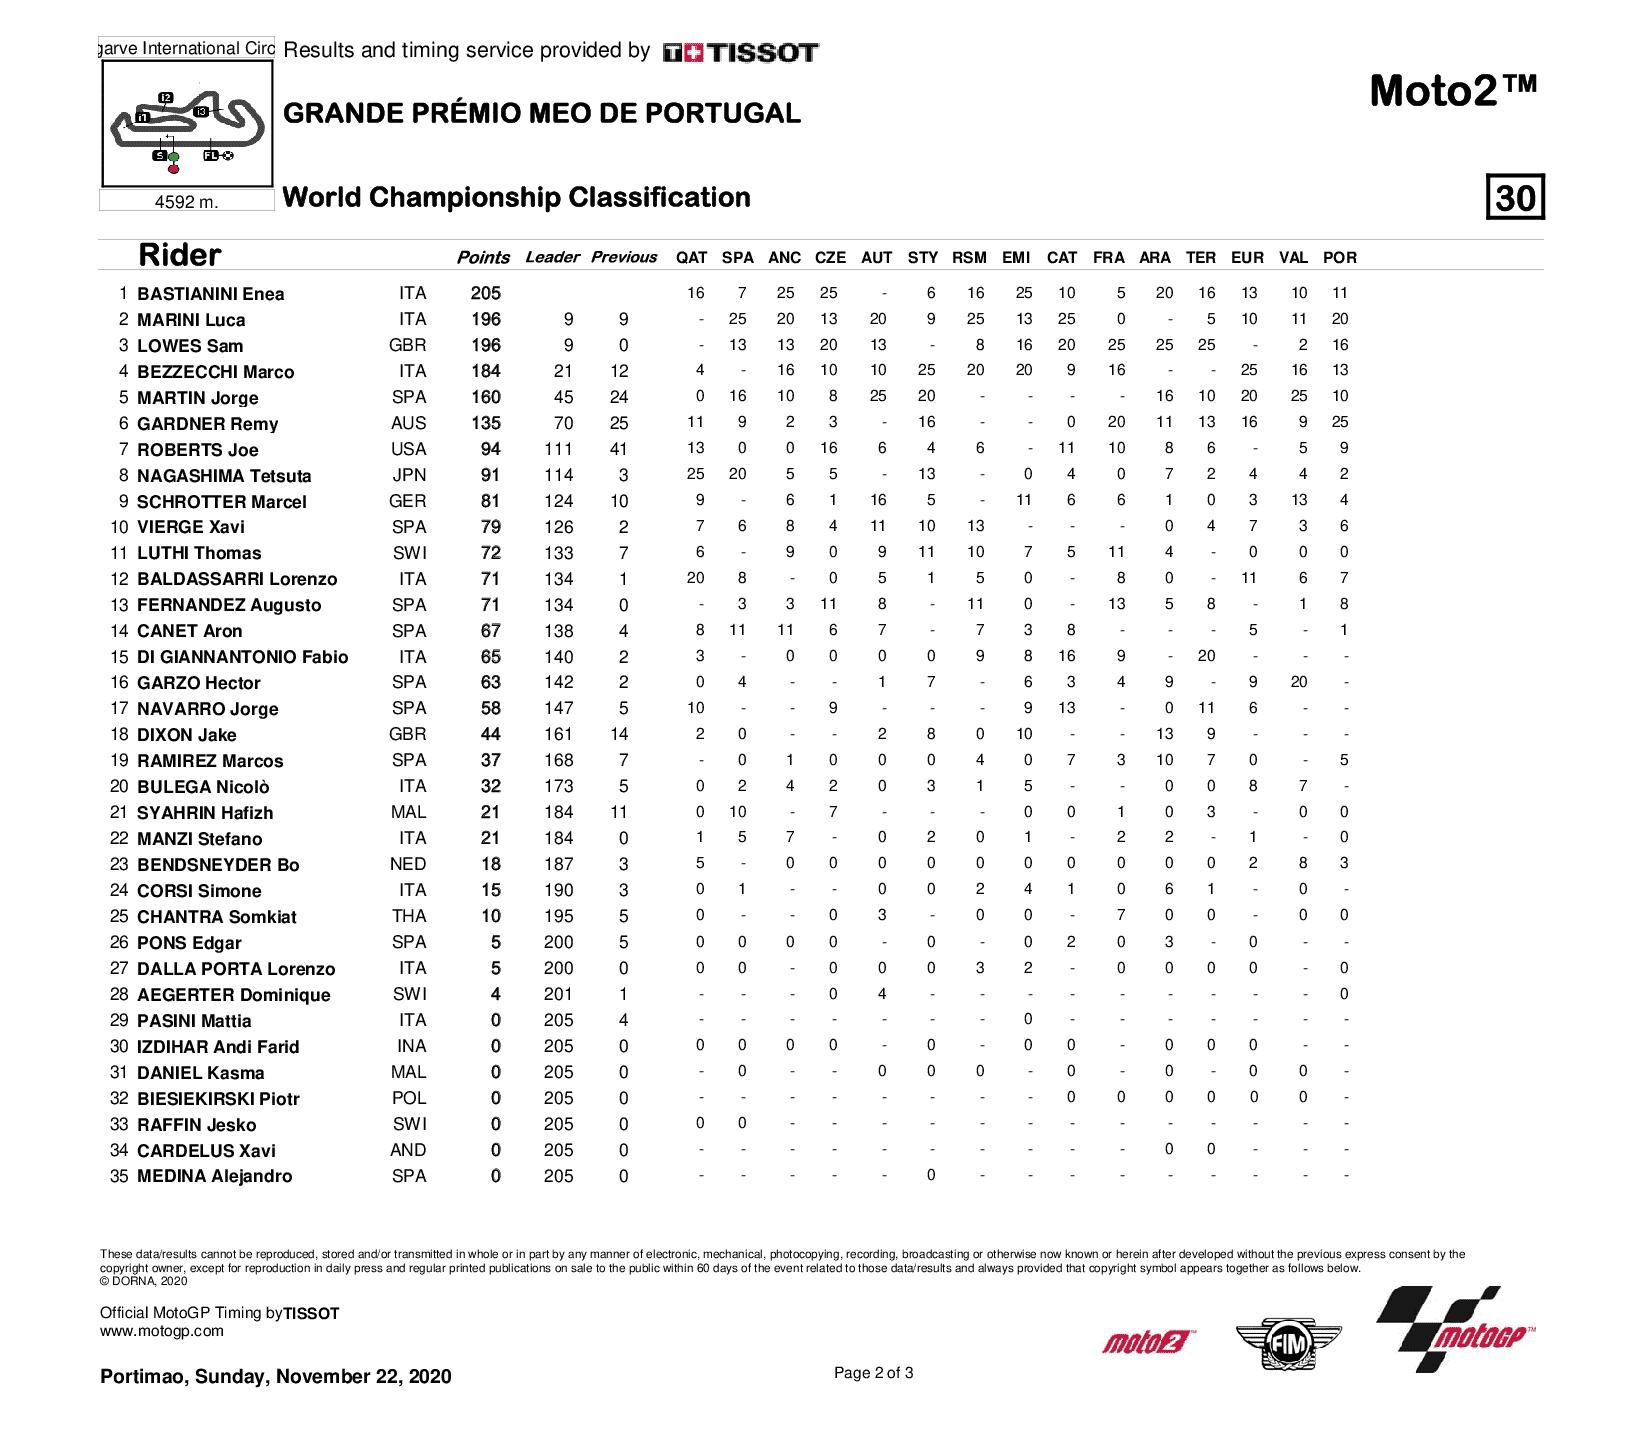 Classement général Moto2 2020